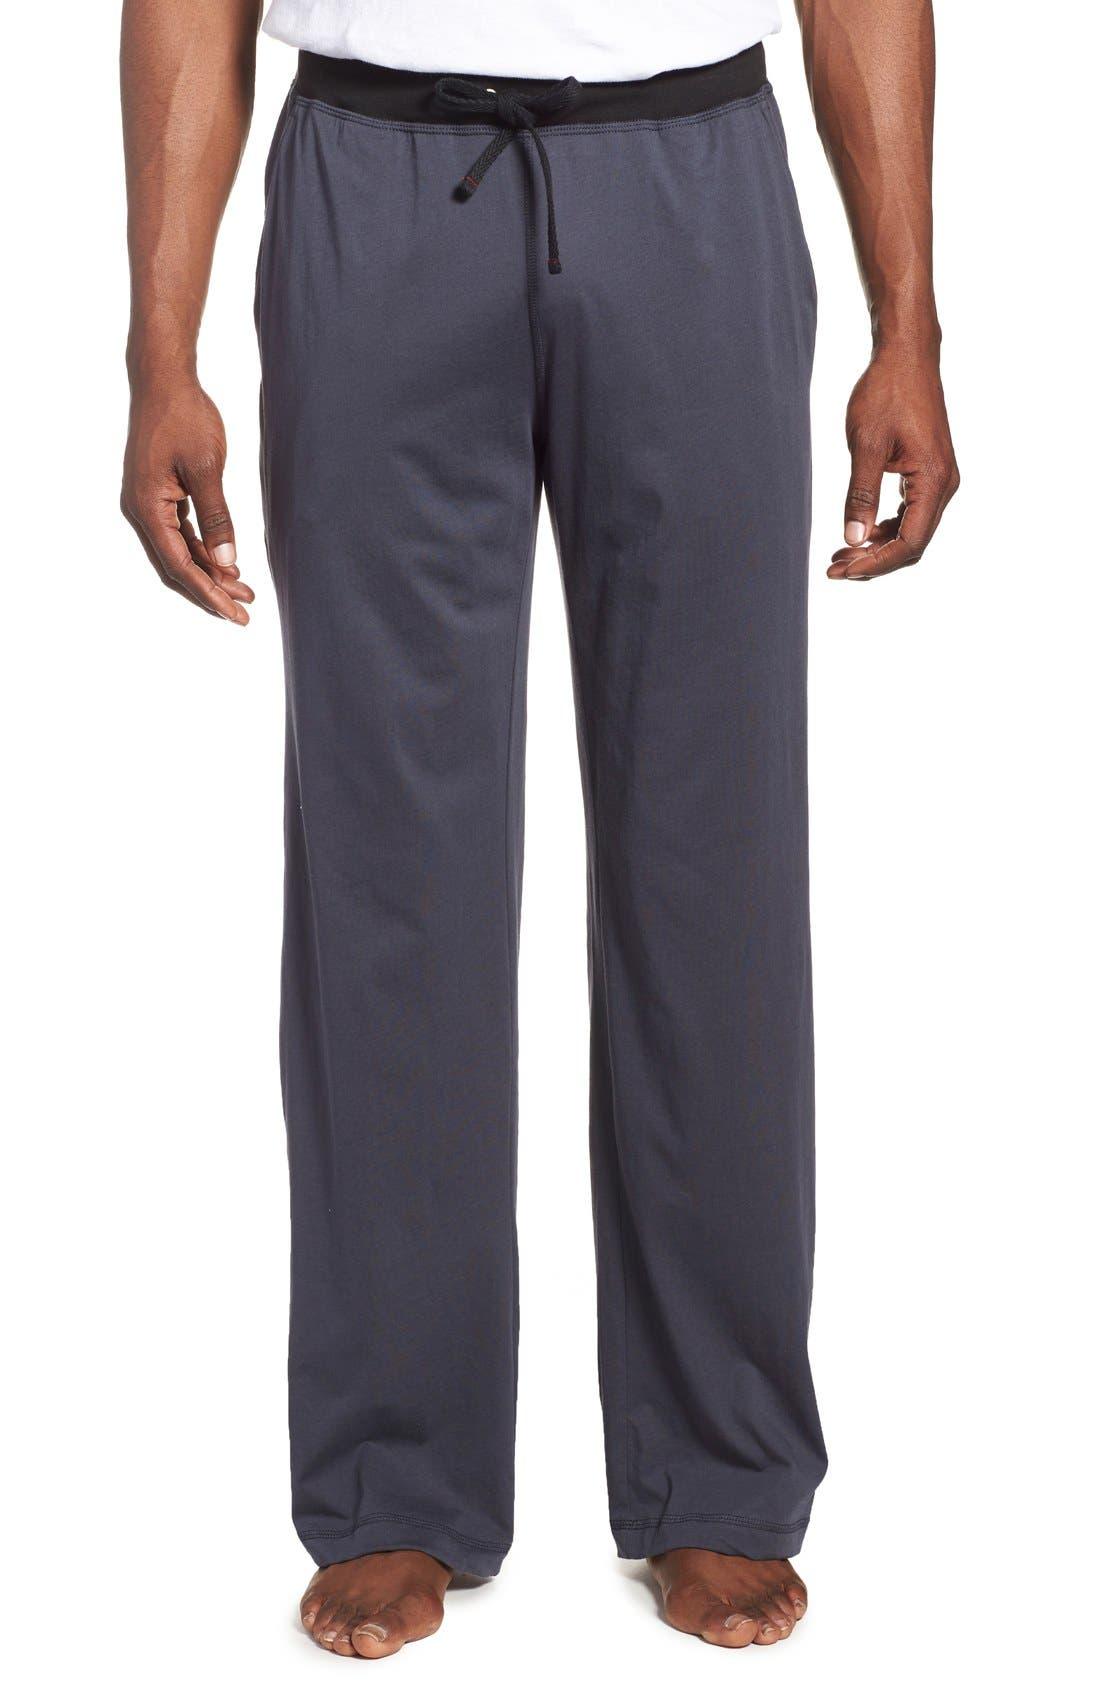 Peruvian Pima Cotton Lounge Pants